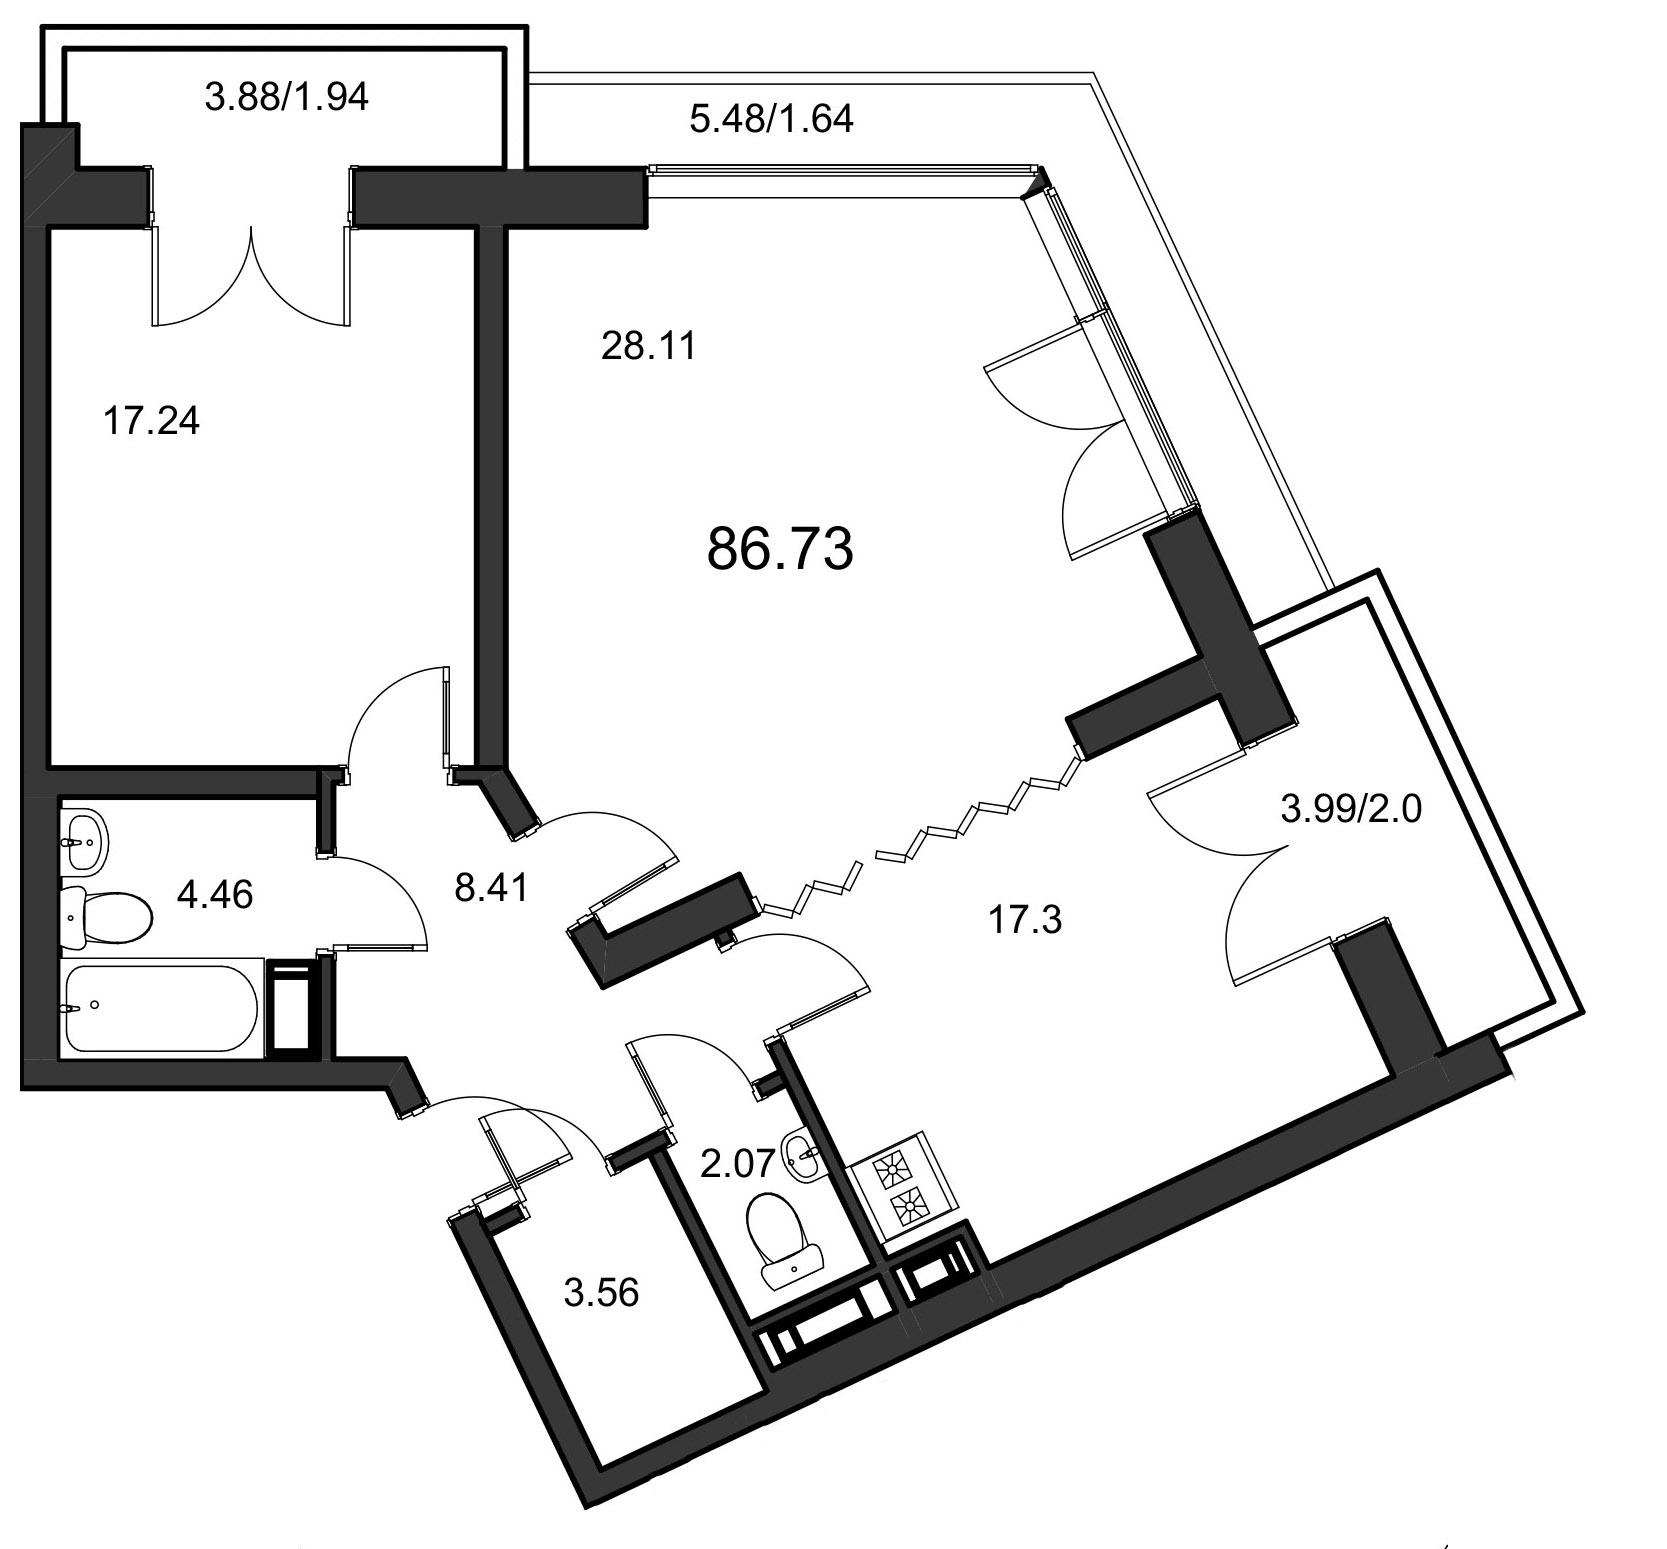 Планировка Двухкомнатная квартира площадью 86.73 кв.м в ЖК «Leningrad»